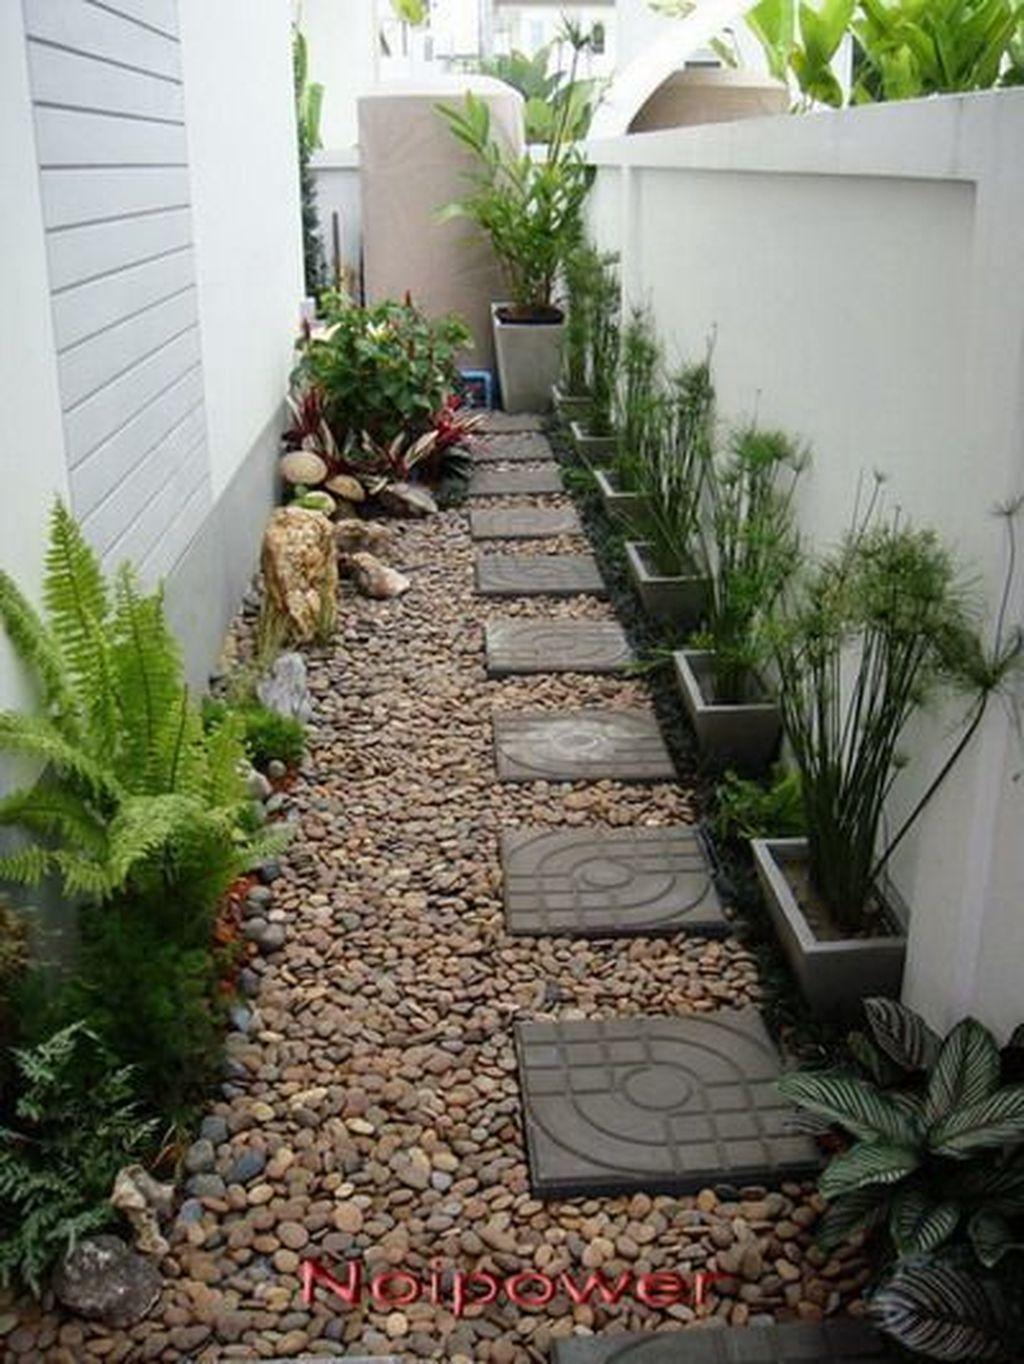 Awesome Small Backyard Ideas Beautiful Landscape Backyard Landscaping Designs Backyard Garden Design Small Backyard Landscaping